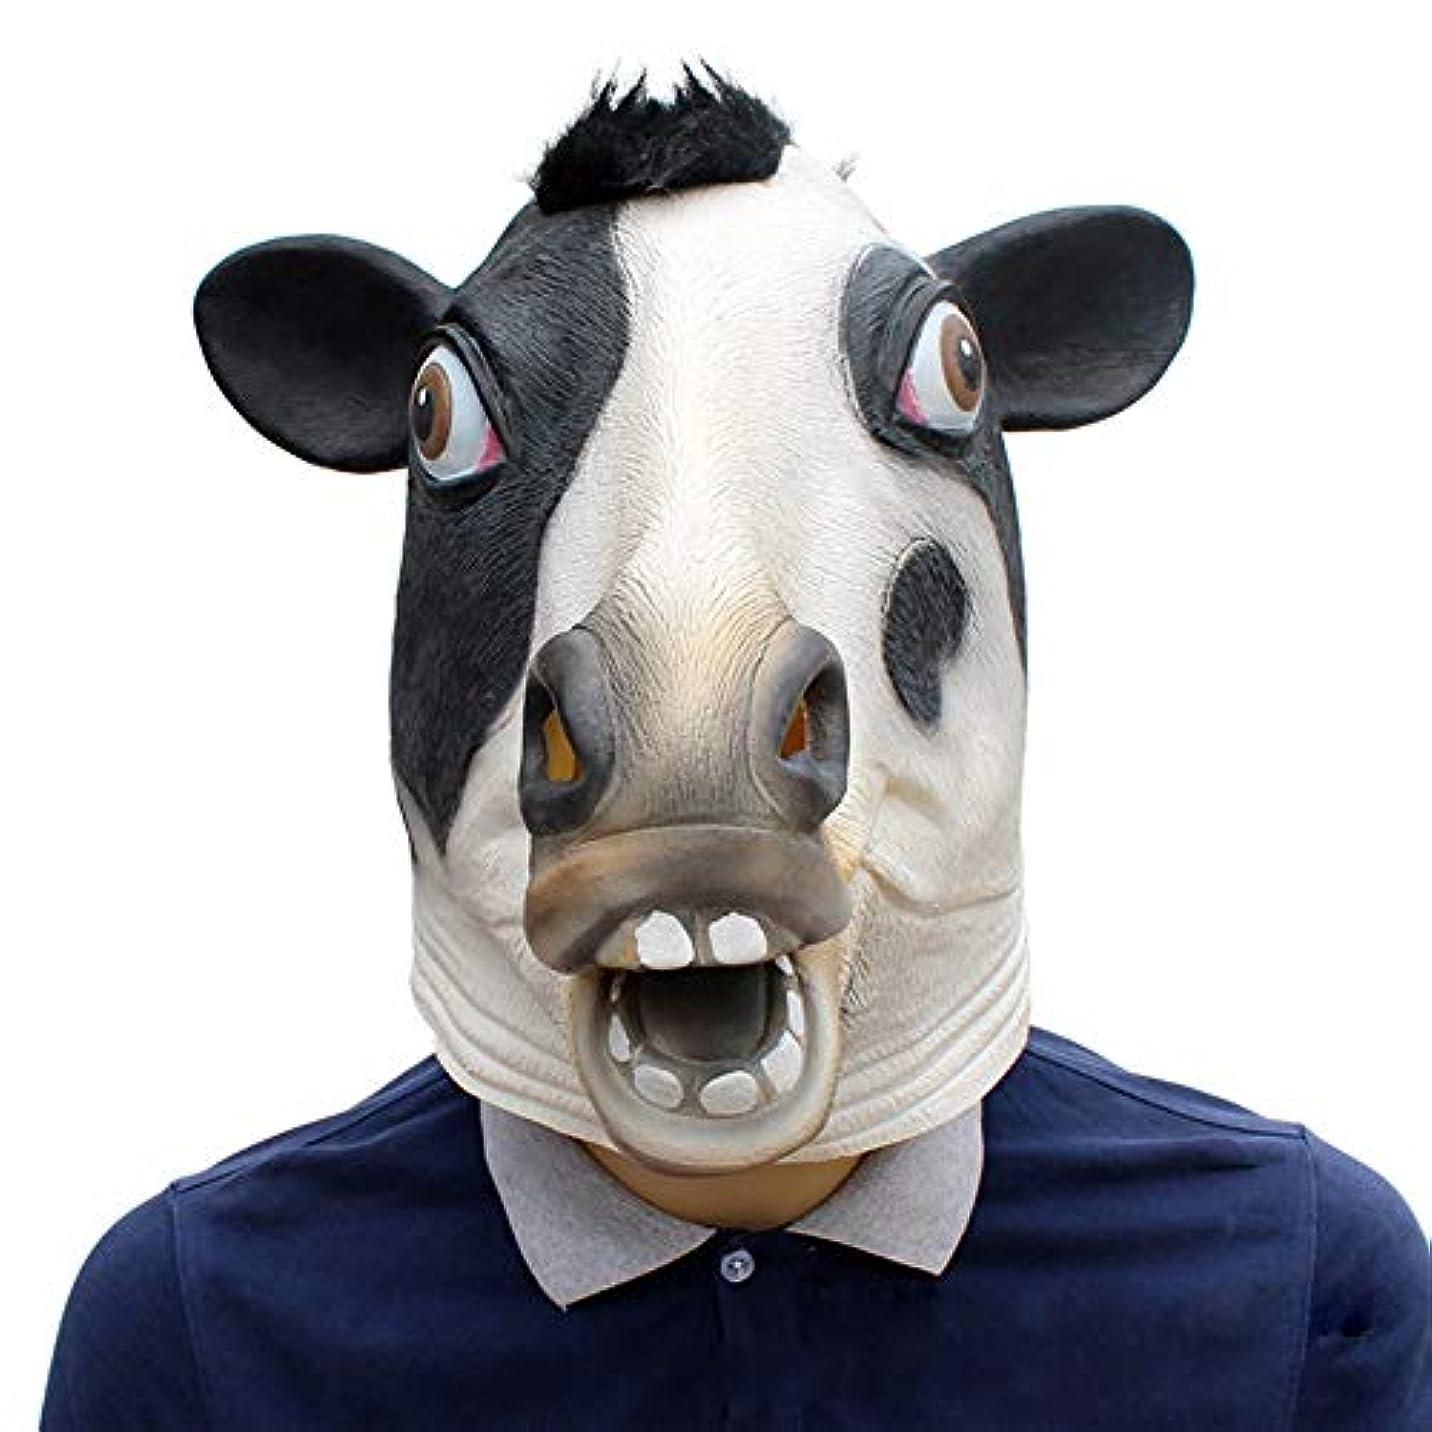 分割鮮やかな亡命ハロウィーンマスク、牛ラテックスマスク、ハロウィーン、テーマパーティー、カーニバル、レイブパーティー、バー、小道具、映画。